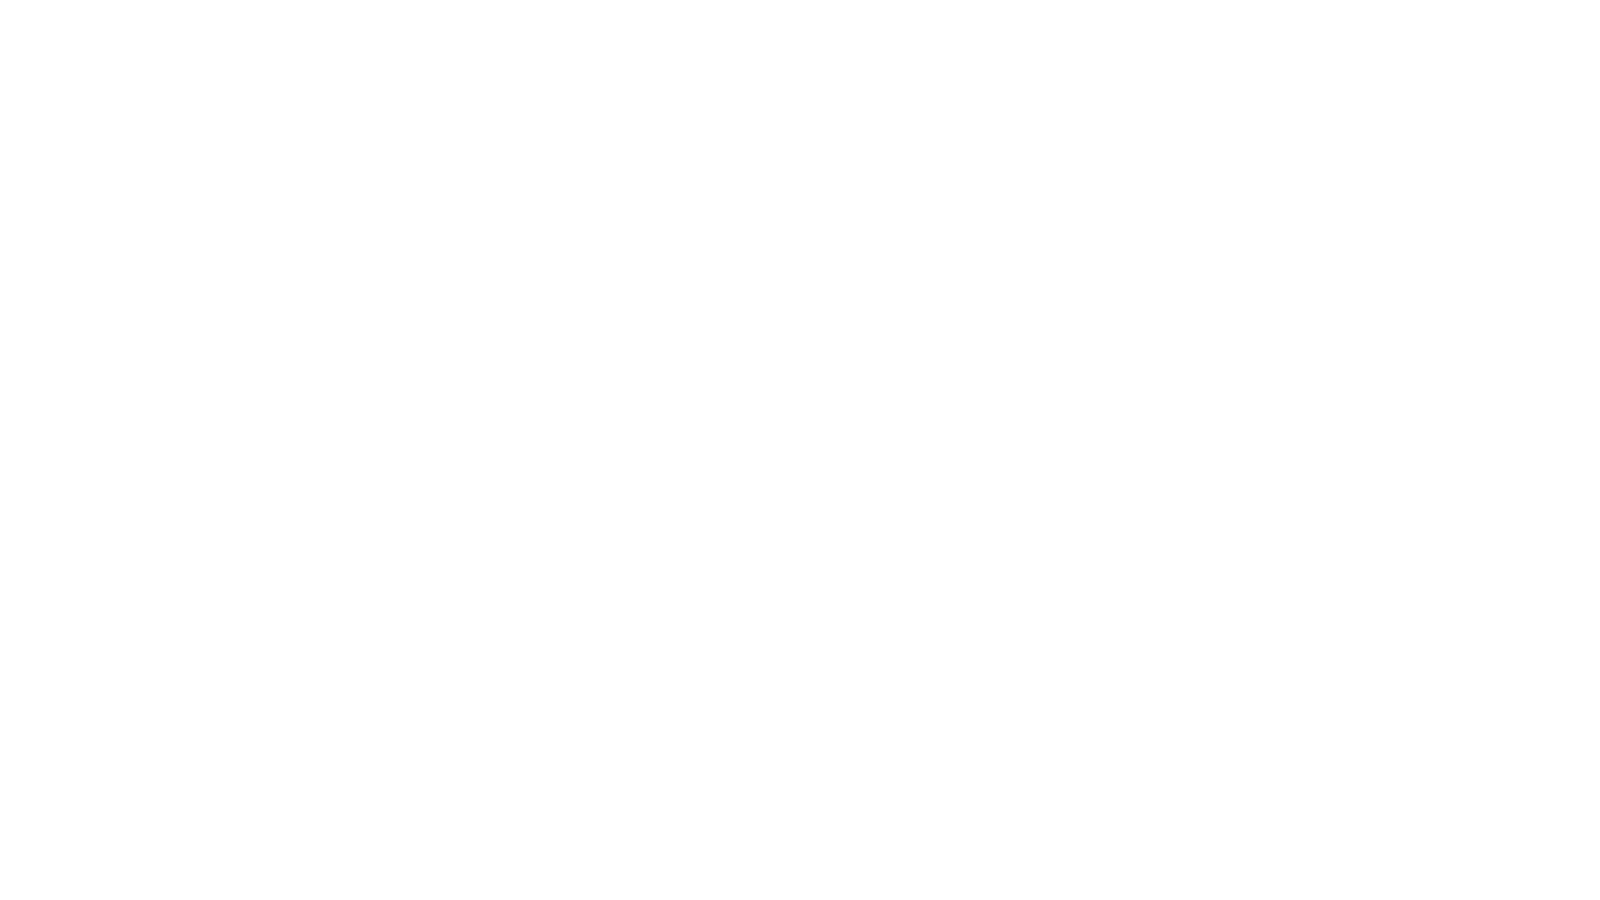 Halo Sobat Muskitnas! Pada pertemuan keempat kelas daring Tari Tradisional Belajar Bersama Museum Kebangkitan Nasional di Bulan September ini akan dibimbing oleh Kak Cici. Beliau ini merupakan salah satu pengajar tari Belantara Budaya Indonesia yang ada di Muskitnas. . . Kali ini, kita akan belajar tari tradisional dari Provinsi Jawa Barat yang bernama Tari Banda Urang. . . Jangan lupa untuk like, comment, dan subscribe channel Youtube Museum Kebangkitan Nasional ya! . . Untuk informasi kelas daring lainnya, teman-teman bisa mengikuti kami di : Instagram : https://www.instagram.com/muskitnasofficial/ Facebook : https://web.facebook.com/muskitnas1908.id/ Website : http://muskitnas.net/